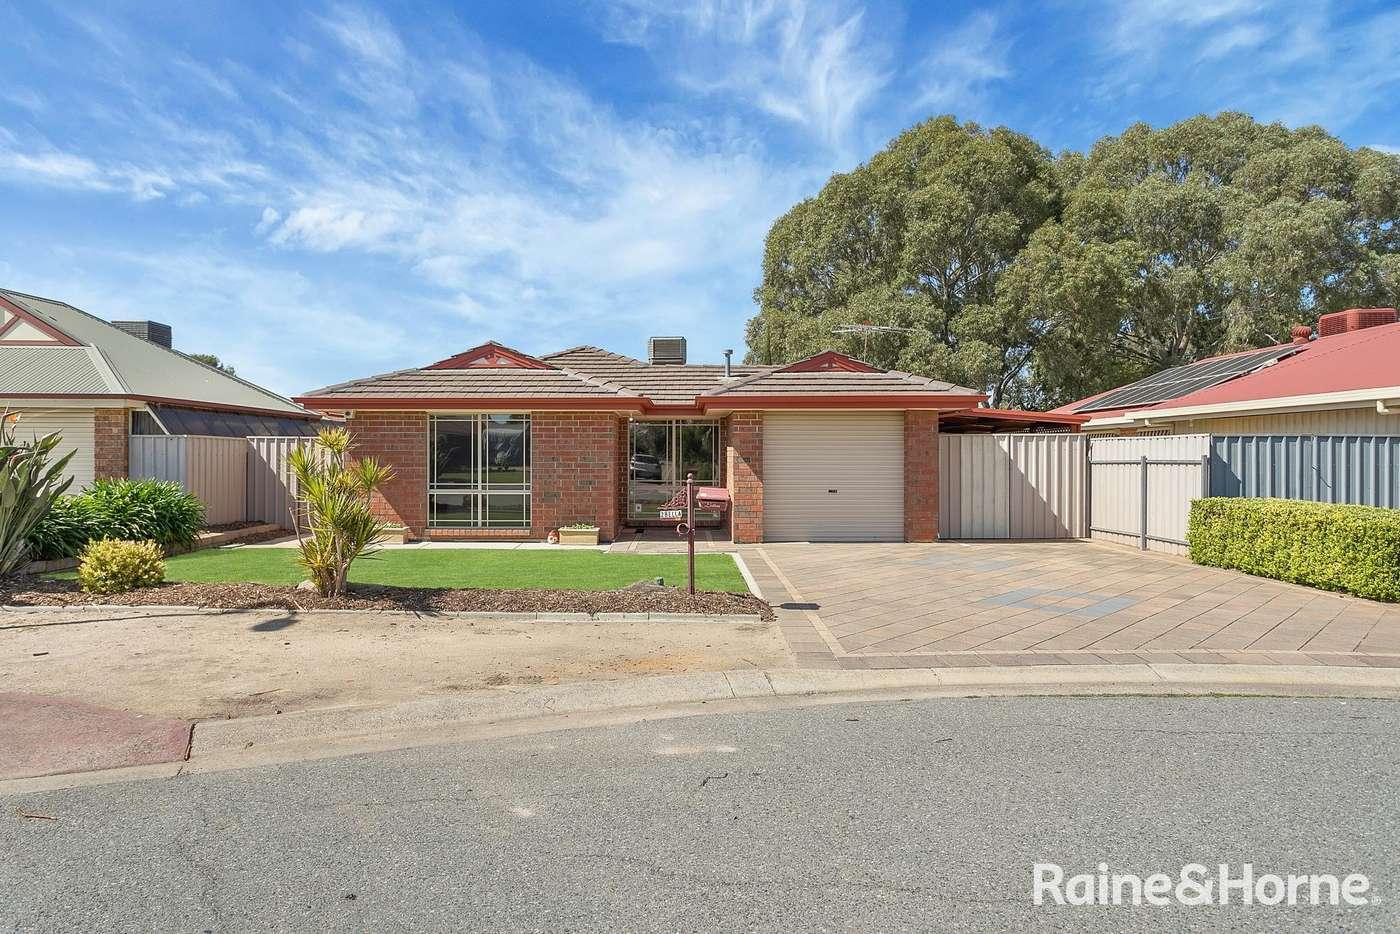 Main view of Homely house listing, 2 Bella Court, Morphett Vale SA 5162